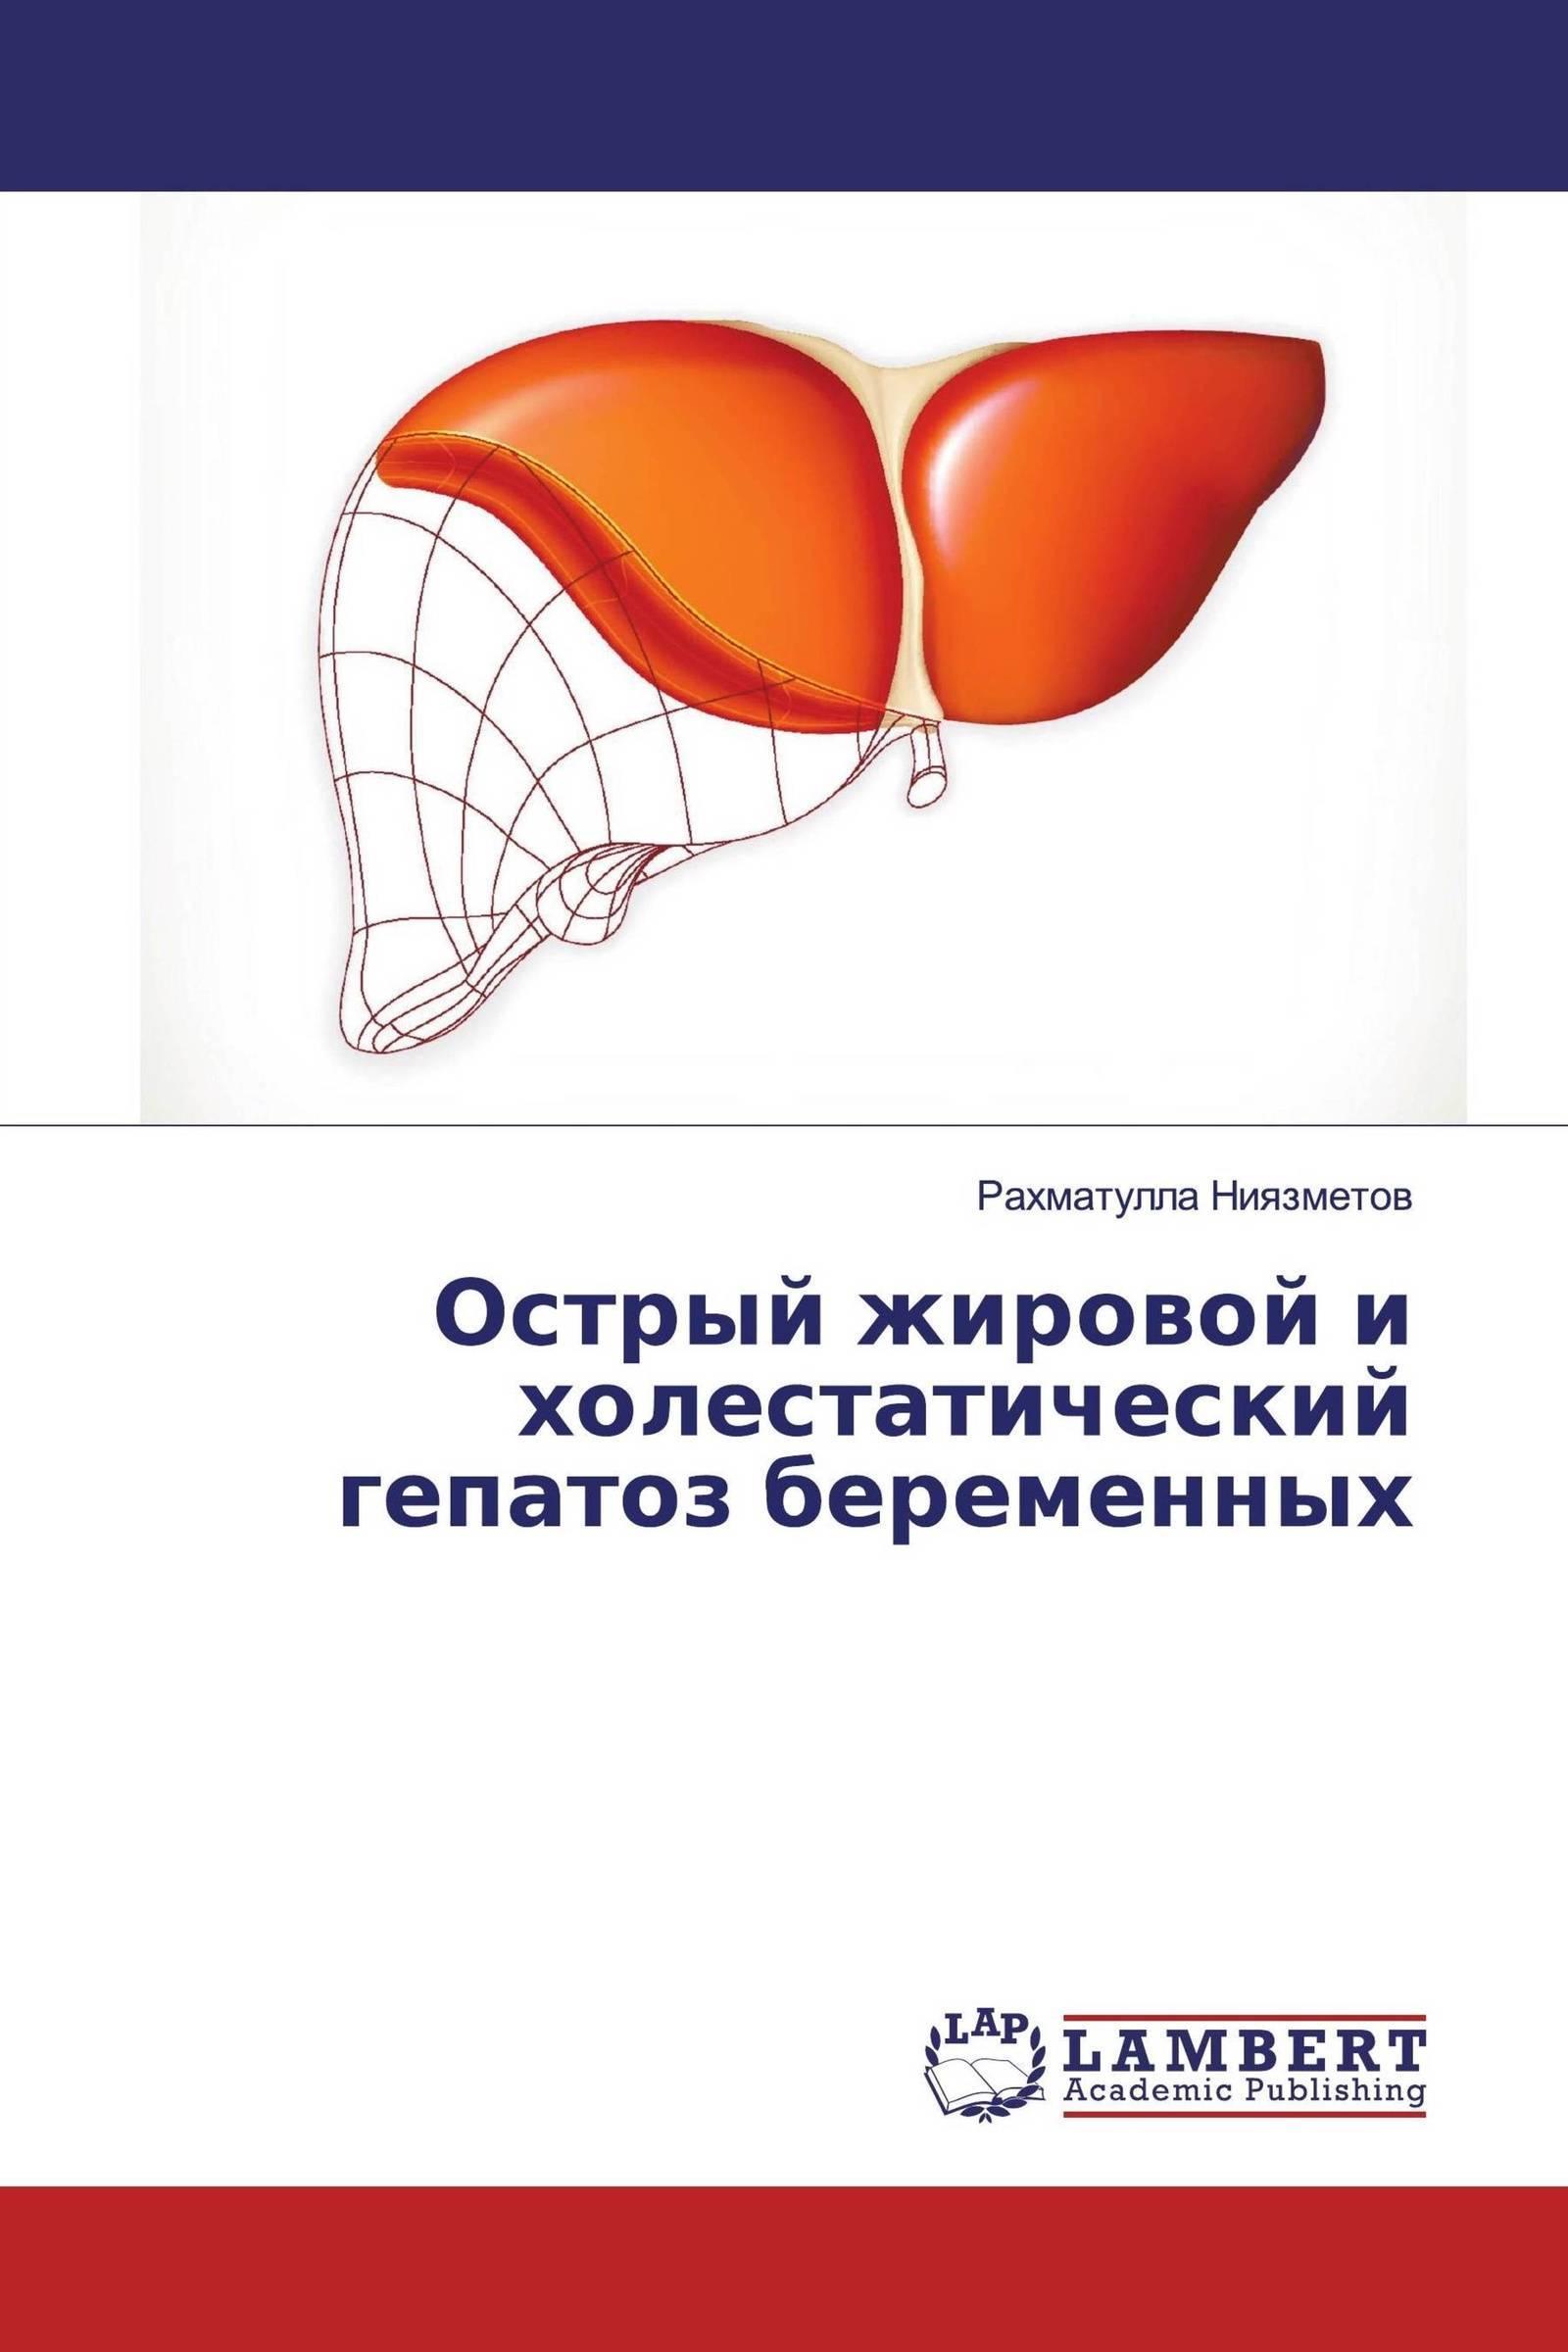 Причины появления и лечение гепатоза у беременных